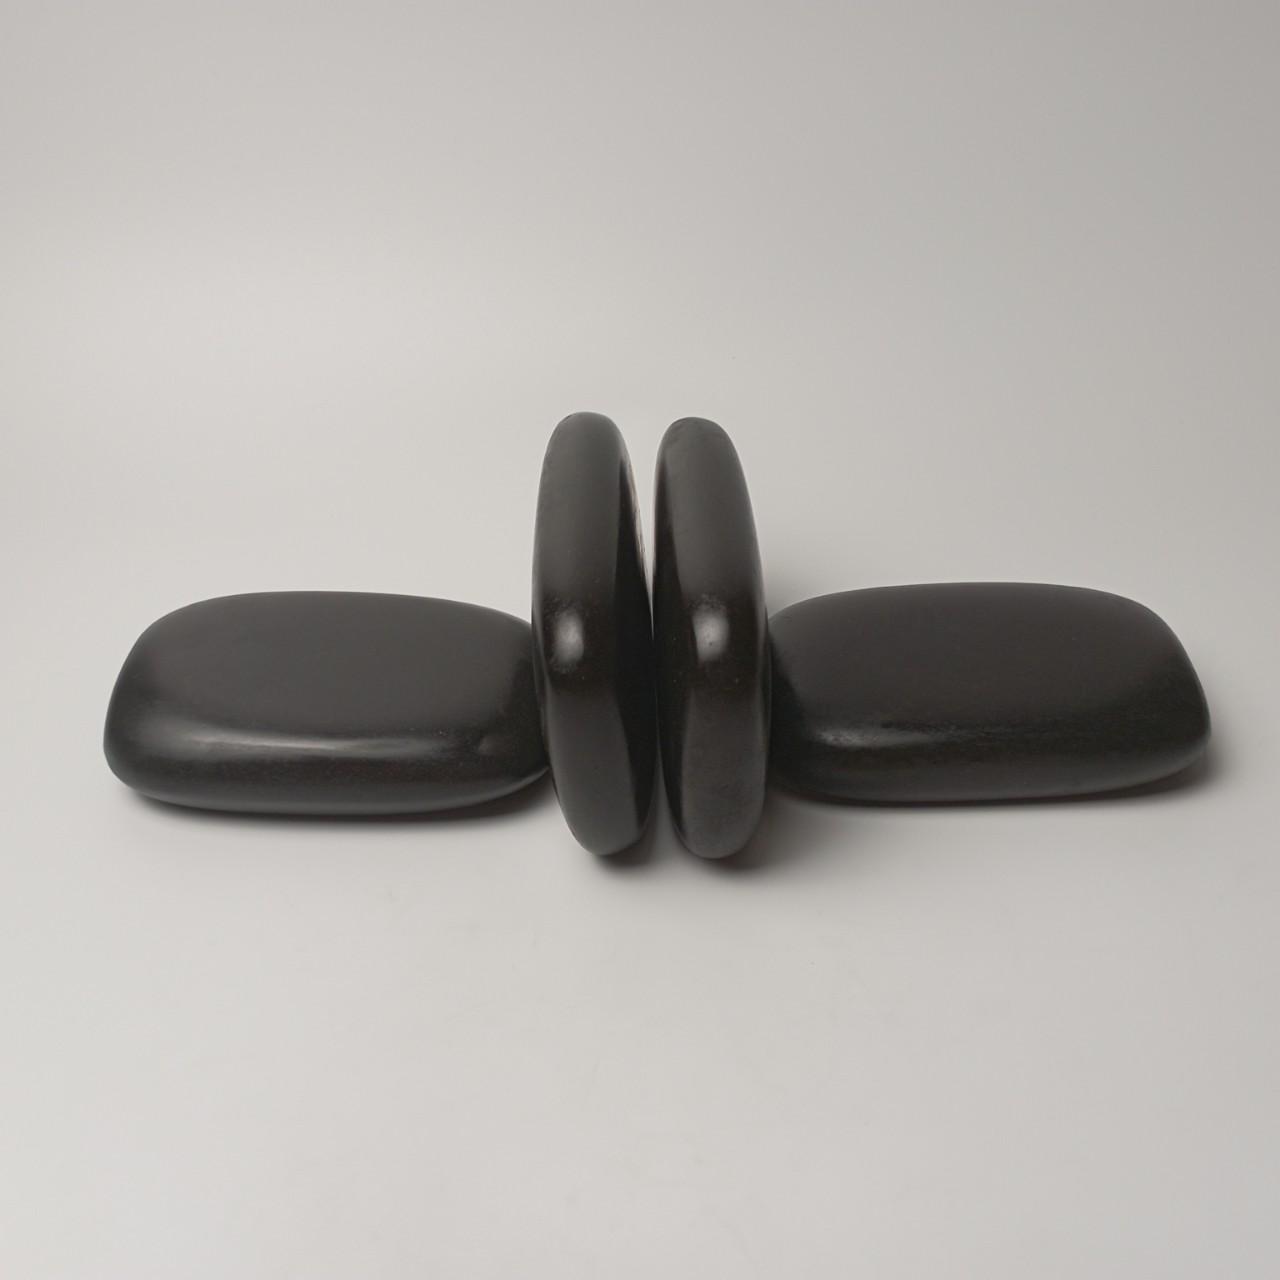 Đá nóng massage body hình chữ nhật